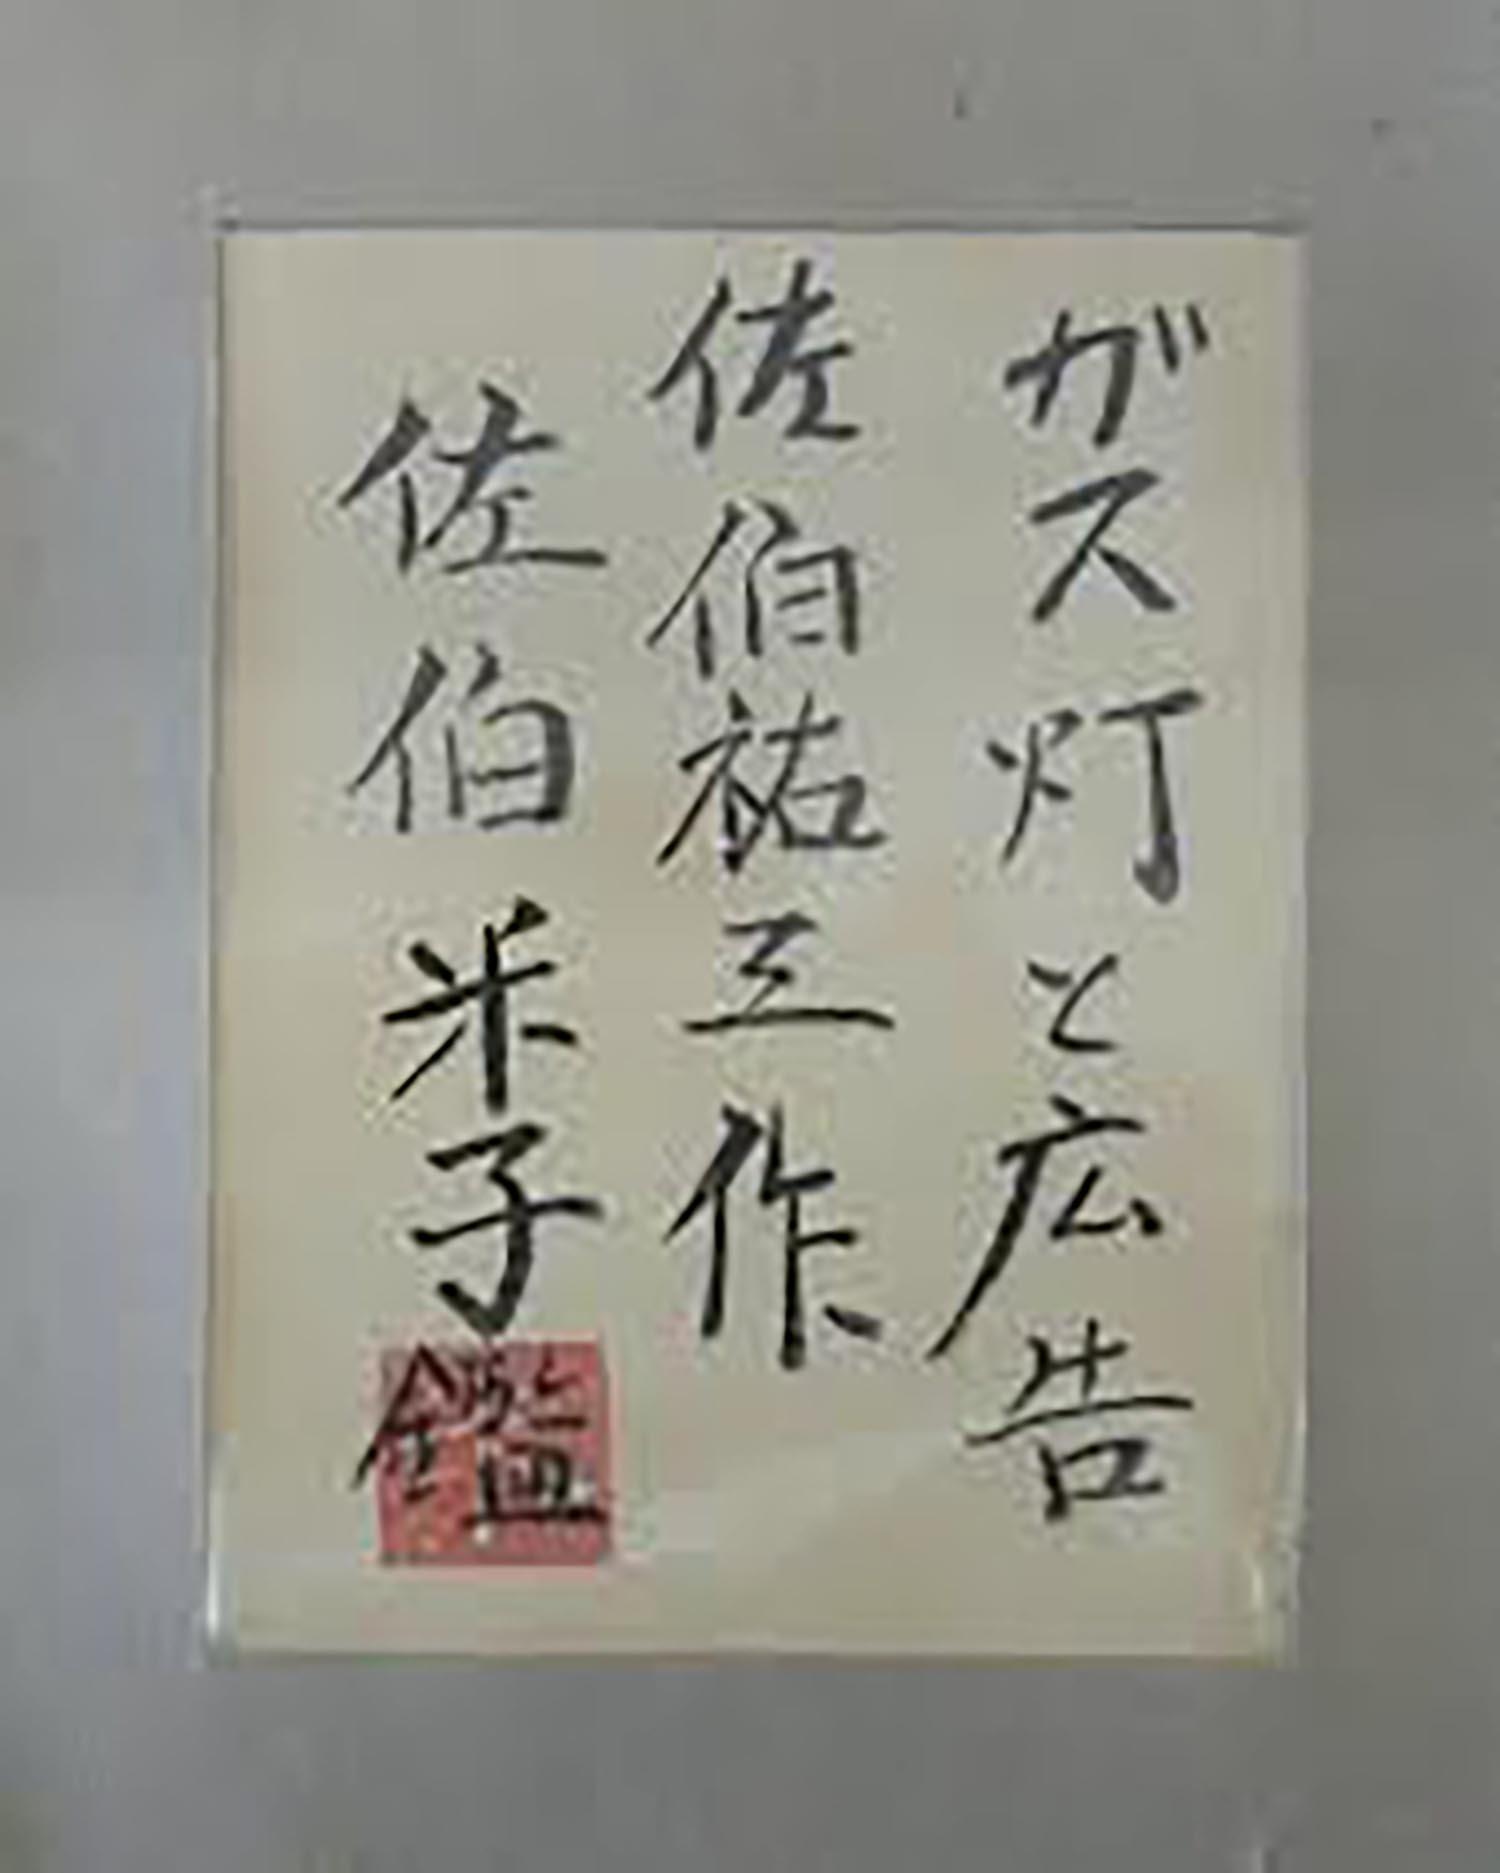 佐伯米子 サイン